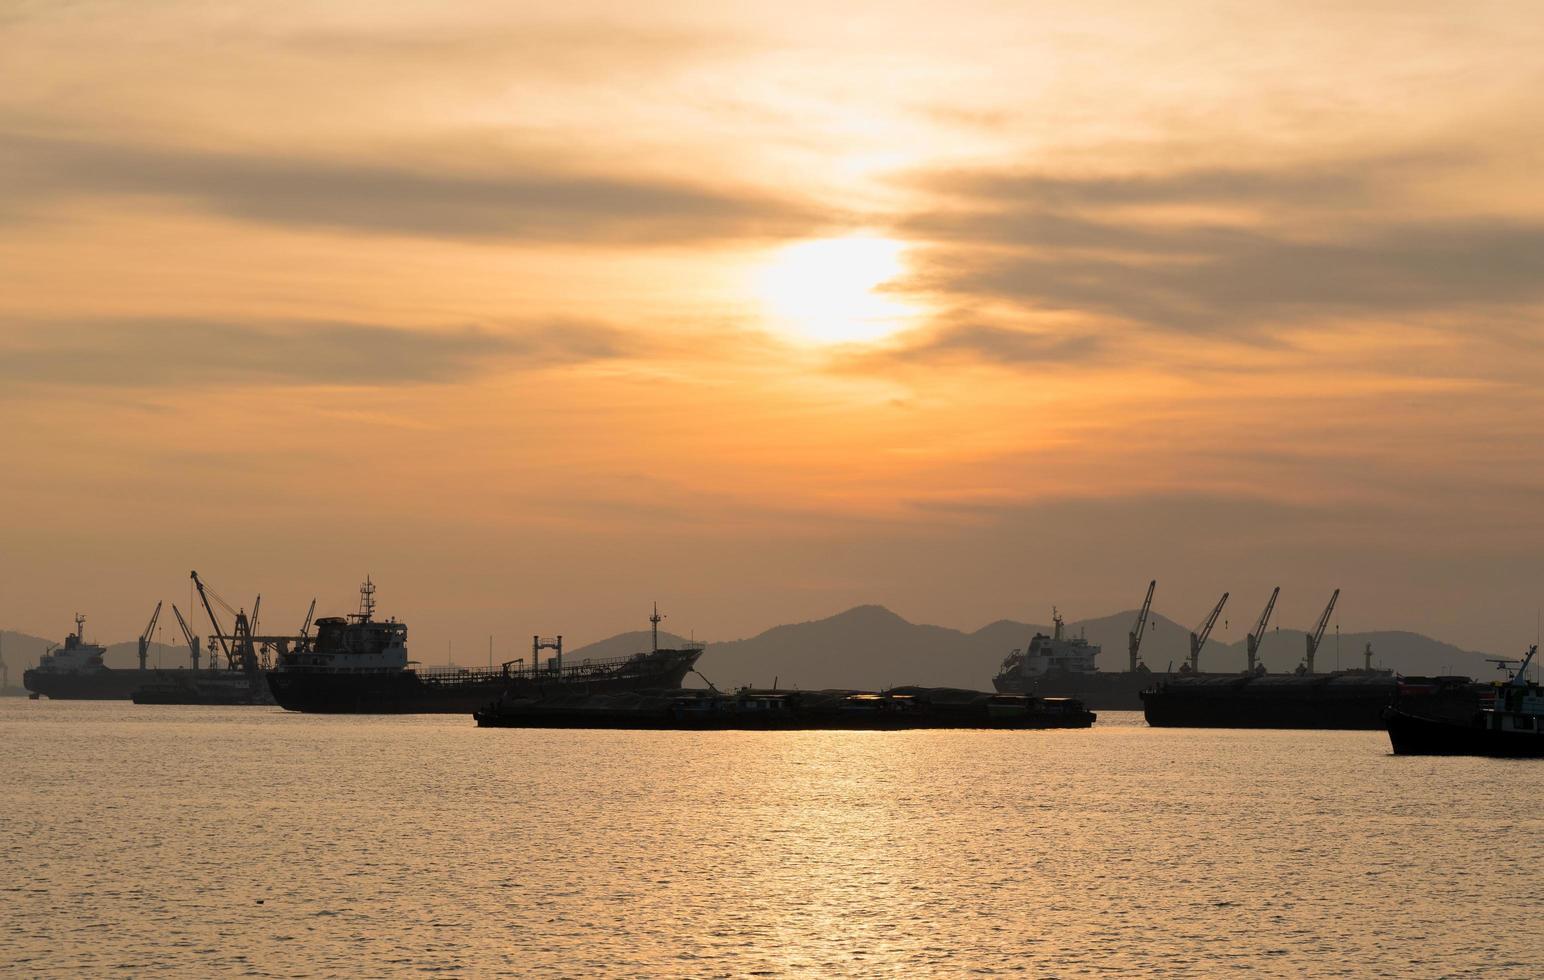 cargos stationnés sur la mer photo